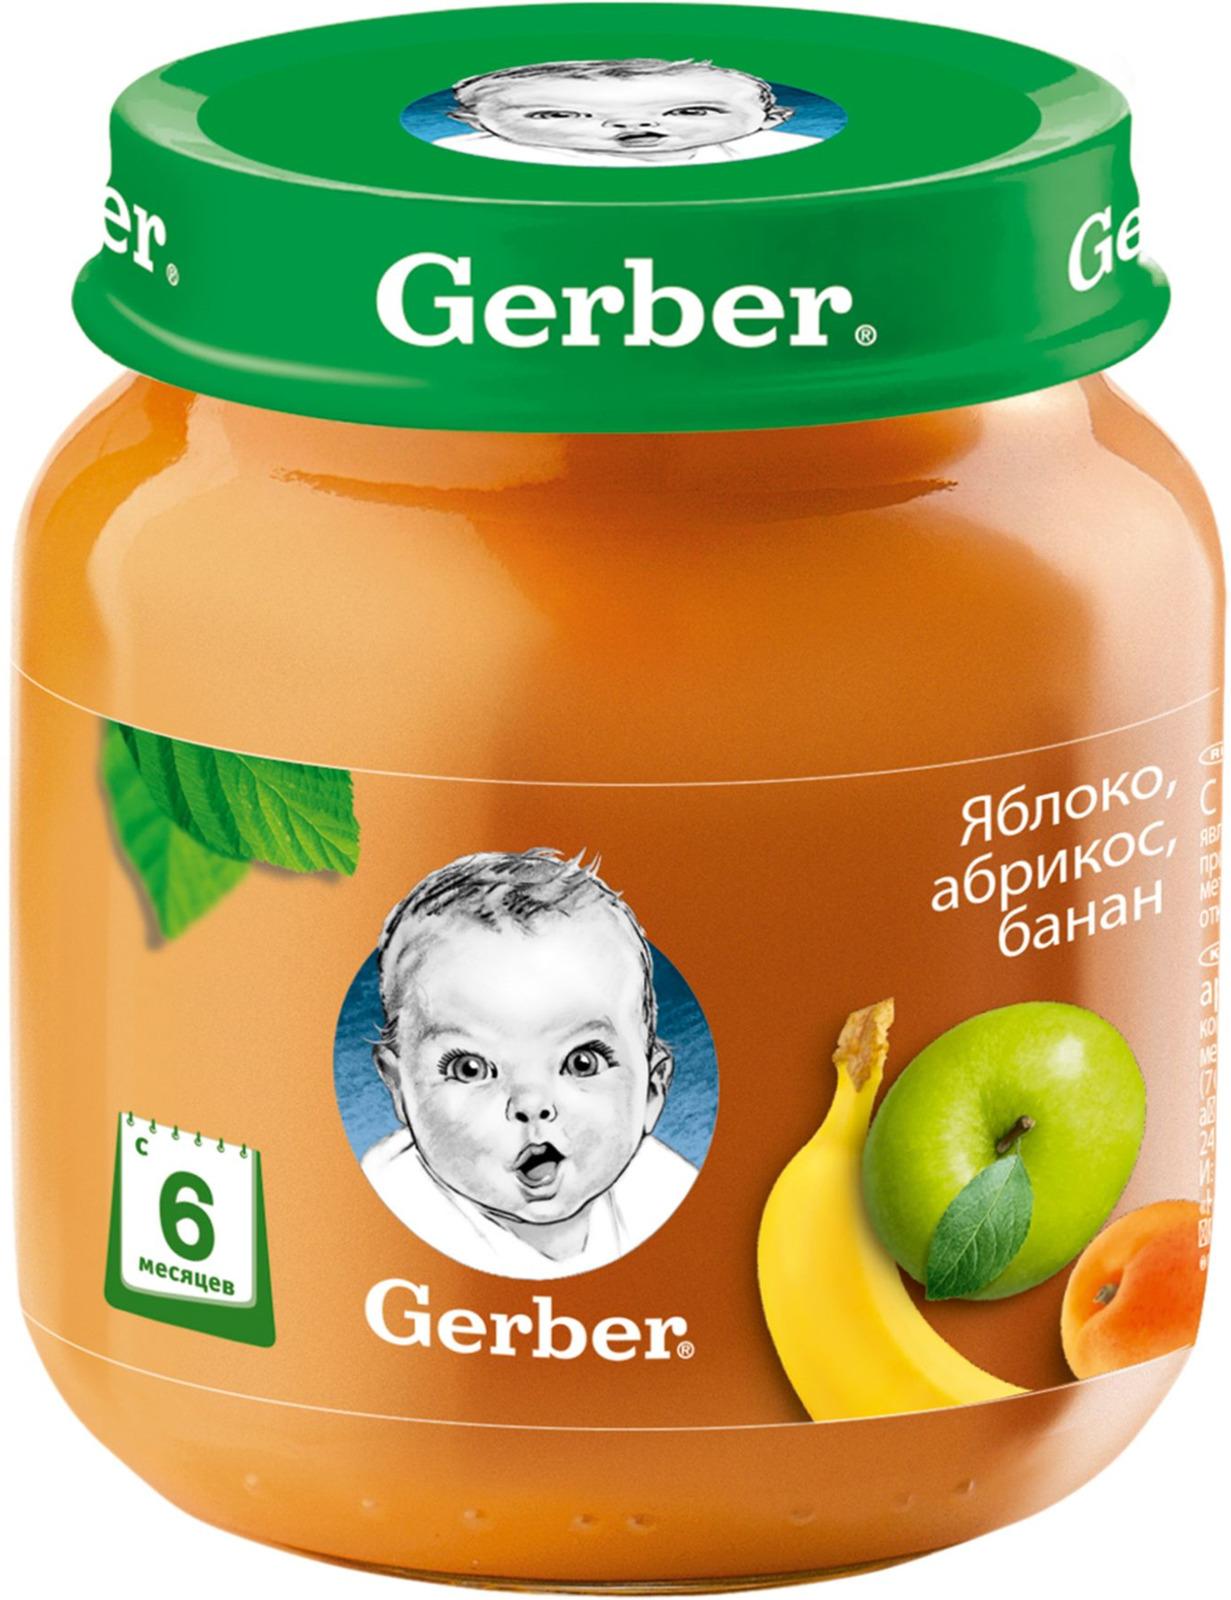 Gerber пюре яблоко, абрикос, банан, с 6 месяцев, 130 г cheap monday джинсовая верхняя одежда